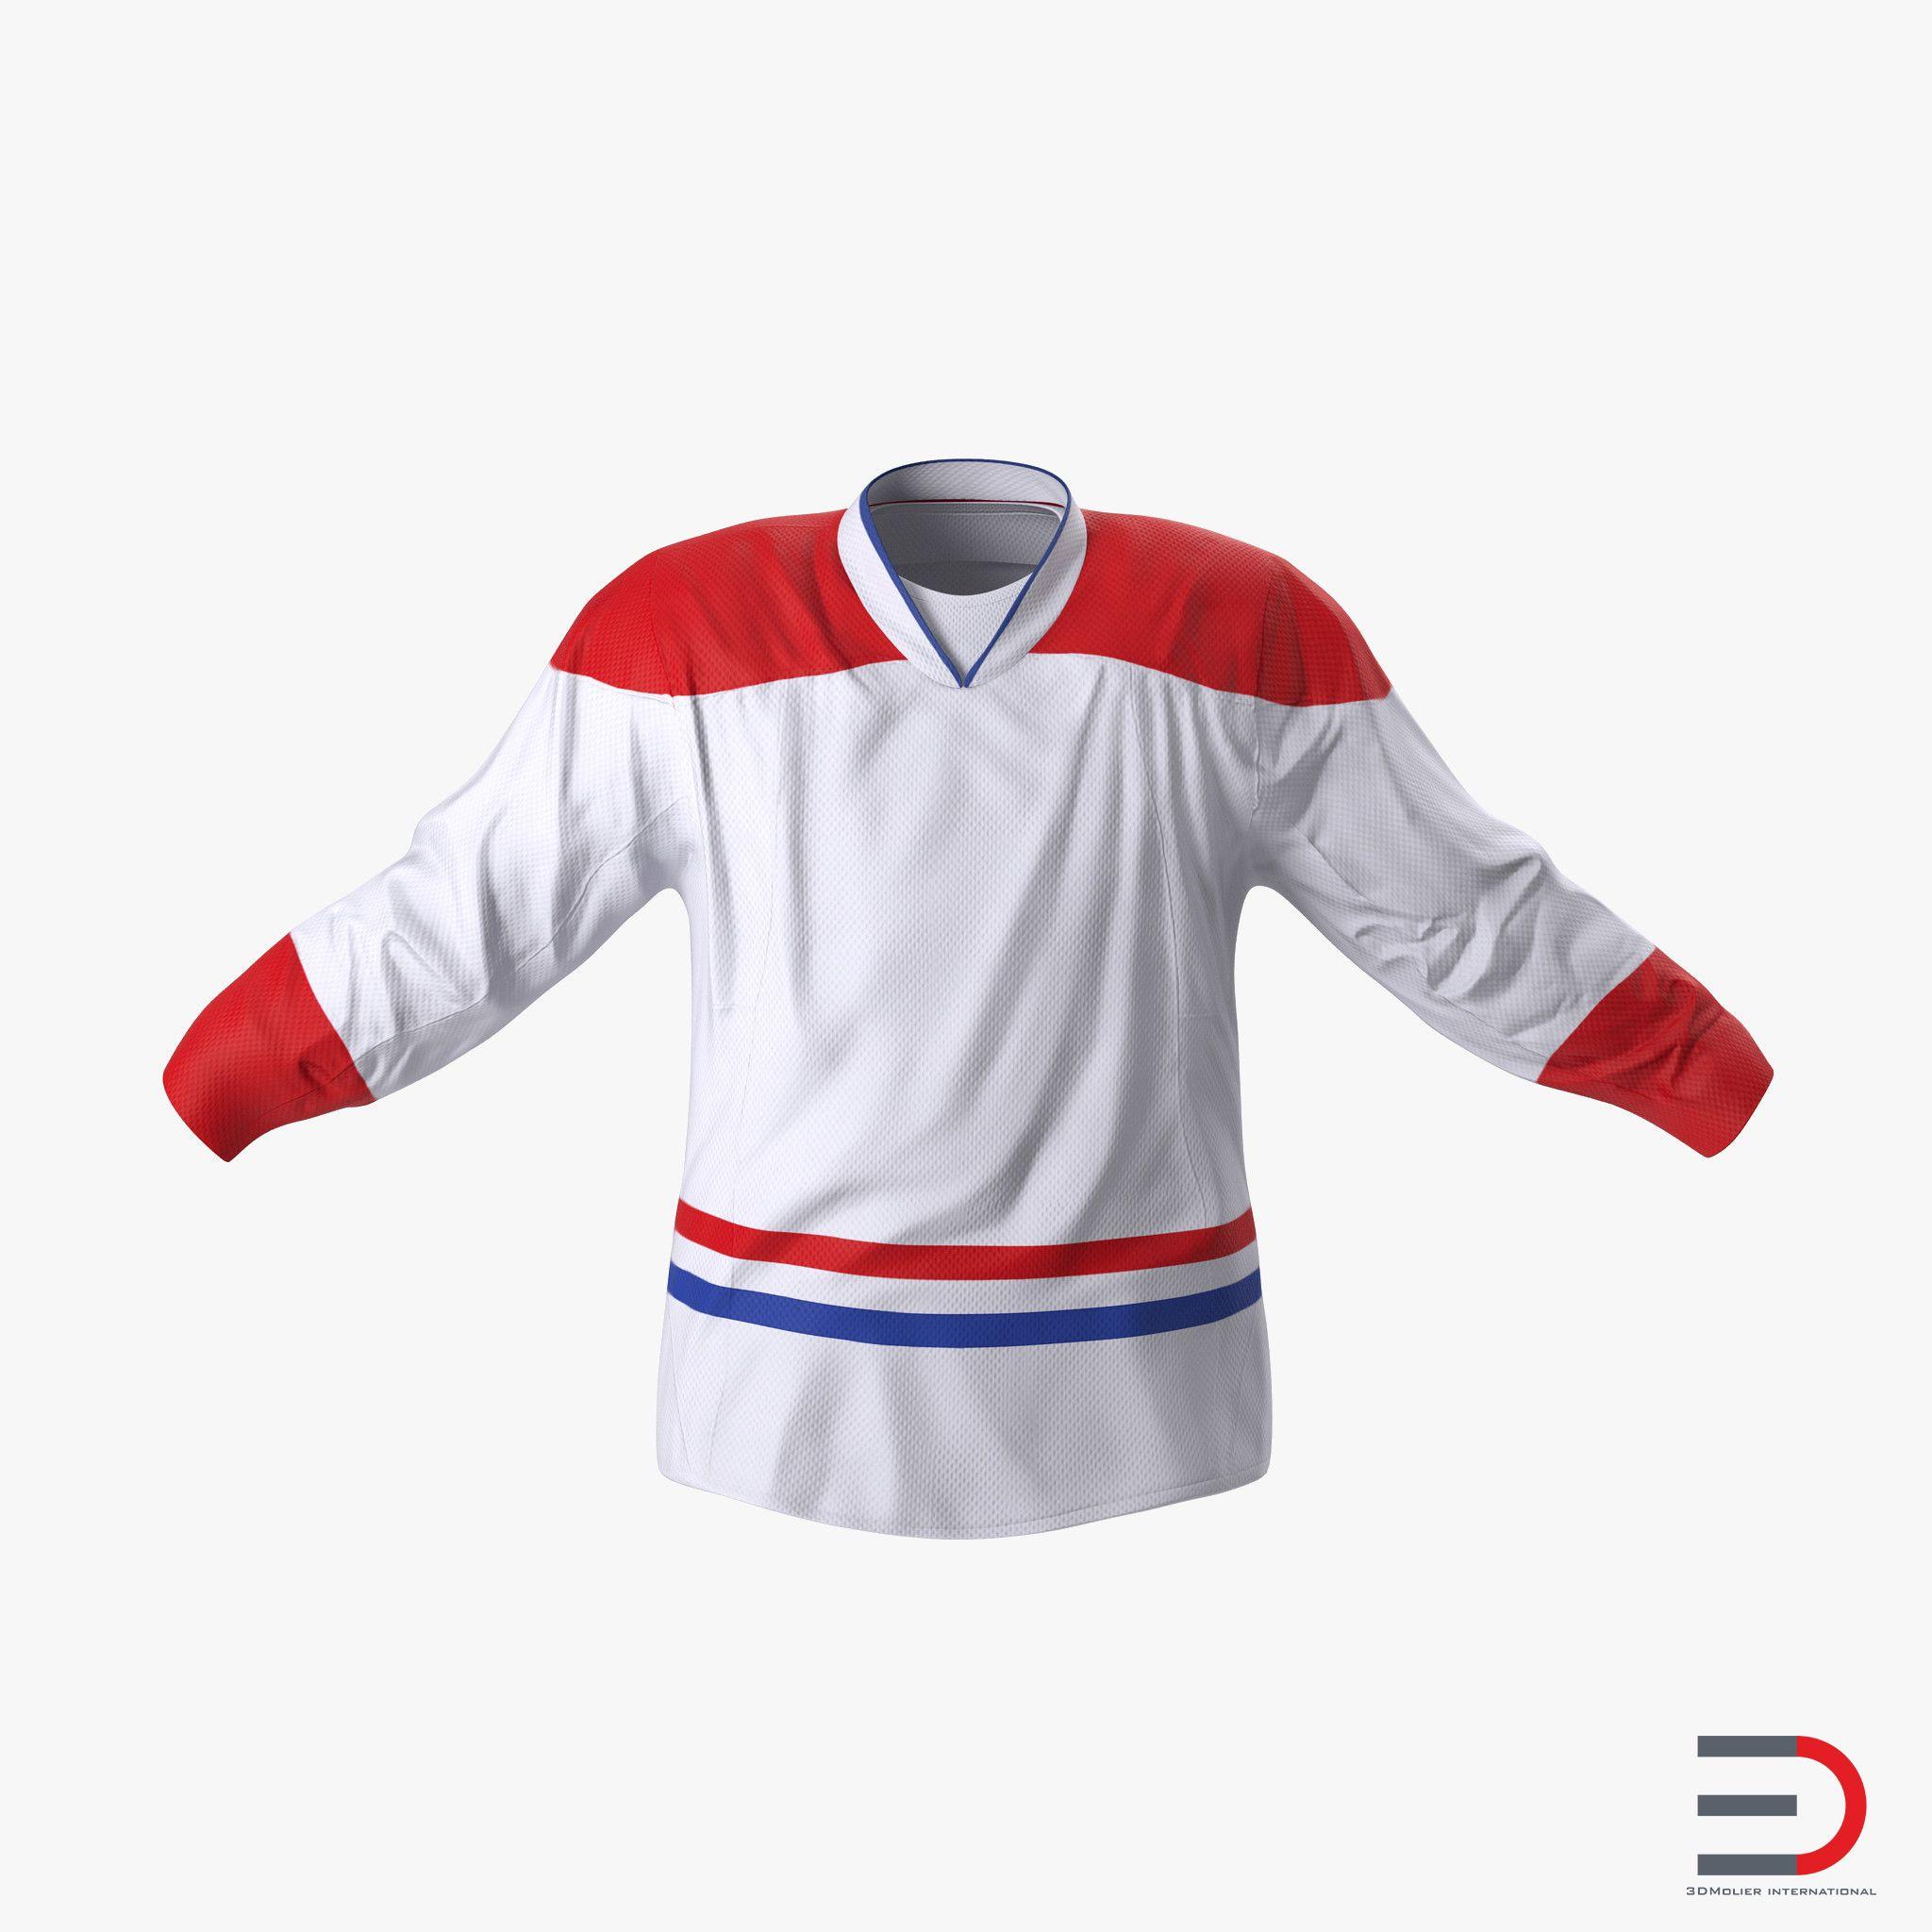 Berühmt Hockey Jersey Rahmen Zeitgenössisch - Benutzerdefinierte ...